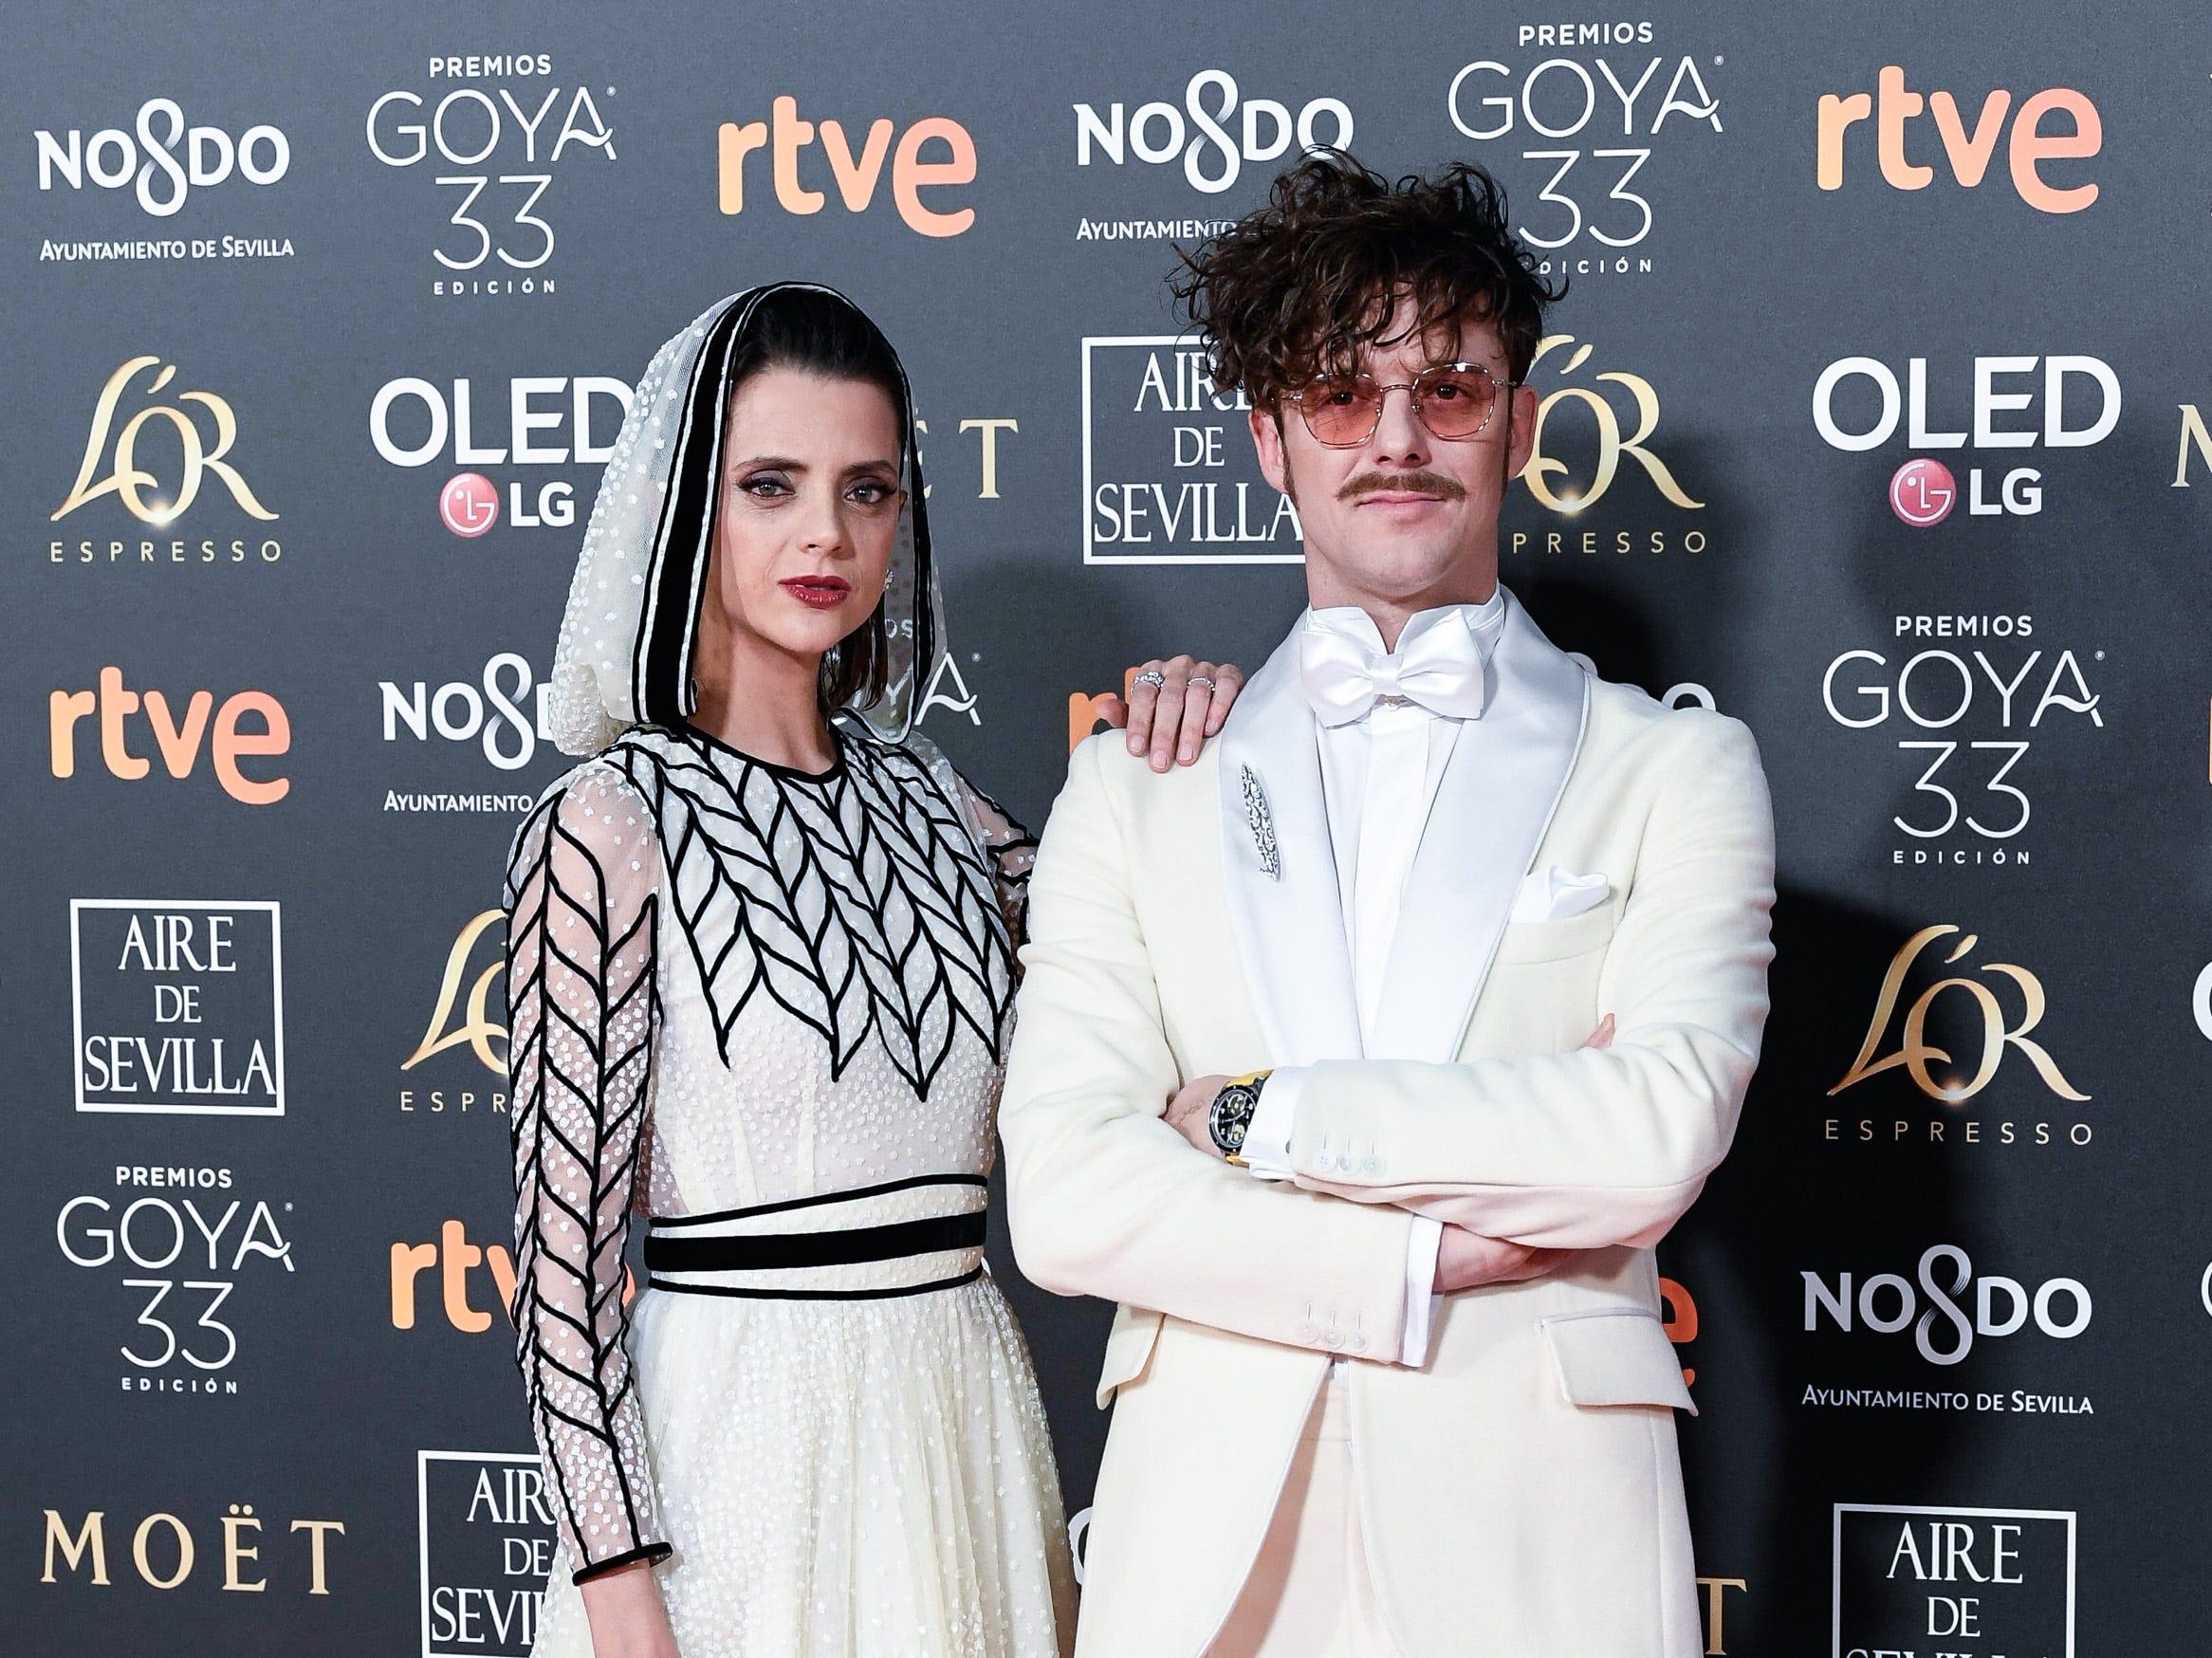 Macarena Gómez y Aldo Comas asisten a la 33ª edición de los Premios de Cine Goya en el Palacio de Congresos y Exposiciones FIBES el 2 de febrero de 2019 en Sevilla, España.